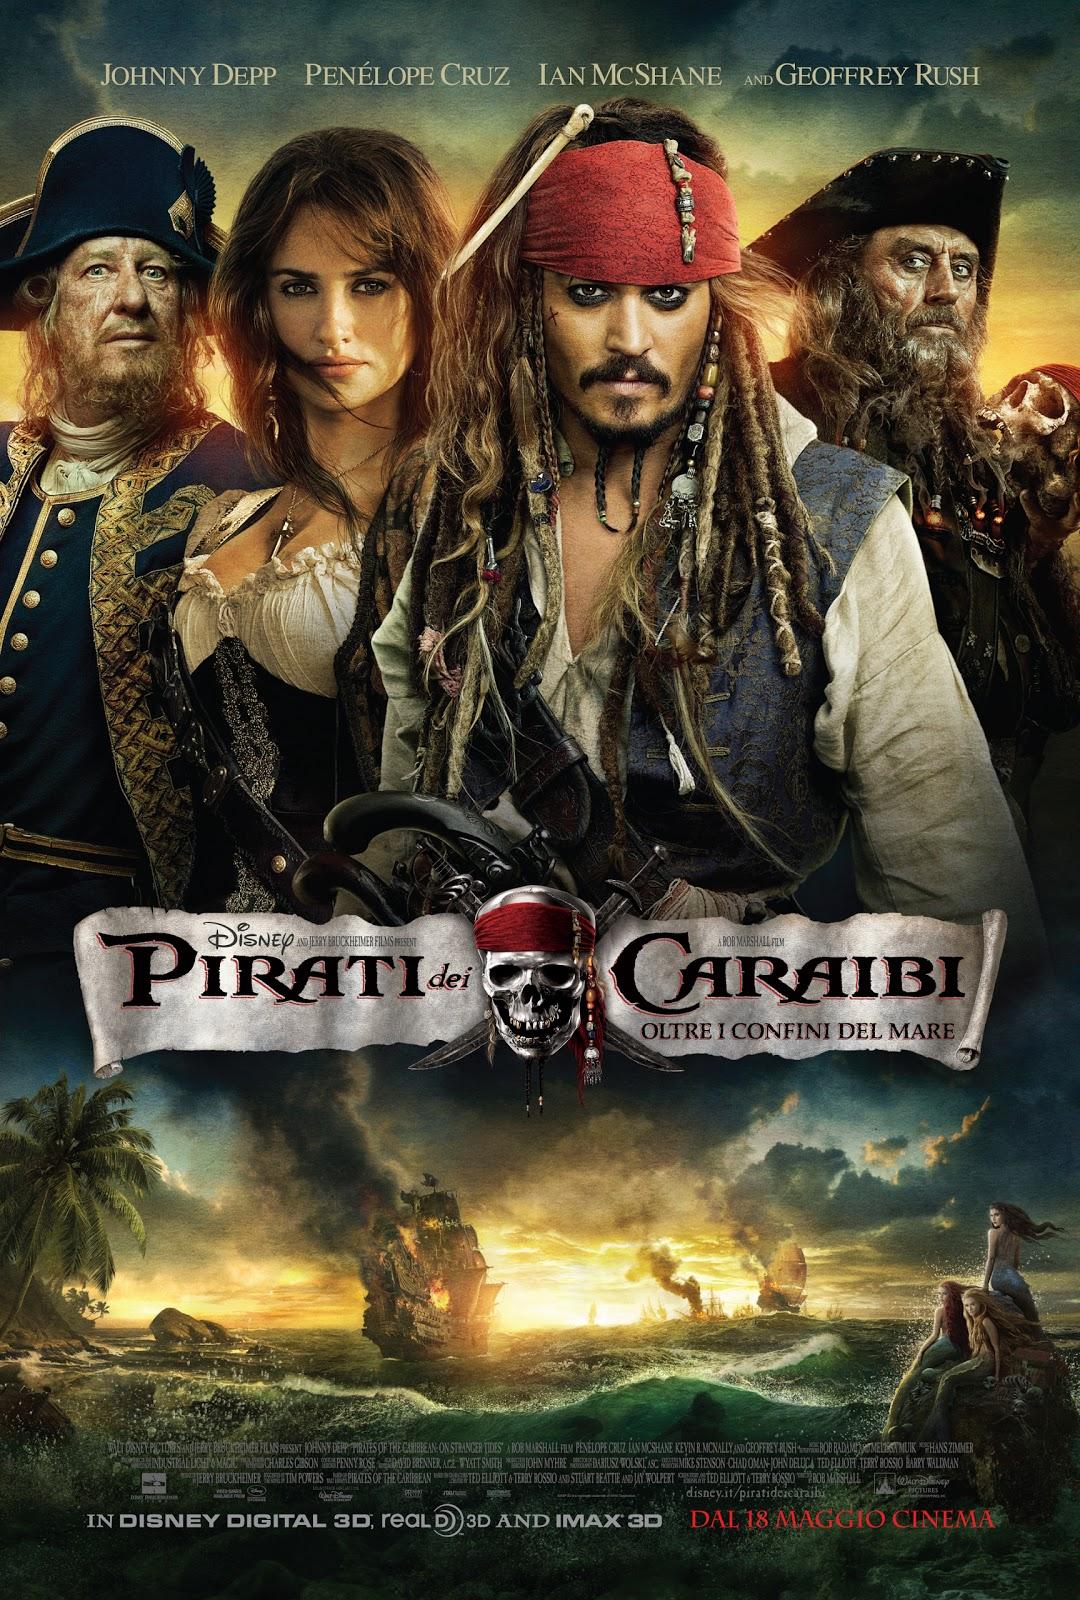 http://3.bp.blogspot.com/-SW39_BhzDT4/TdJlwRJqMMI/AAAAAAAAAfQ/H8WuRcolgfY/s1600/pirati-dei-caraibi-oltre-i-confini-del-mare-poster-italia.jpg